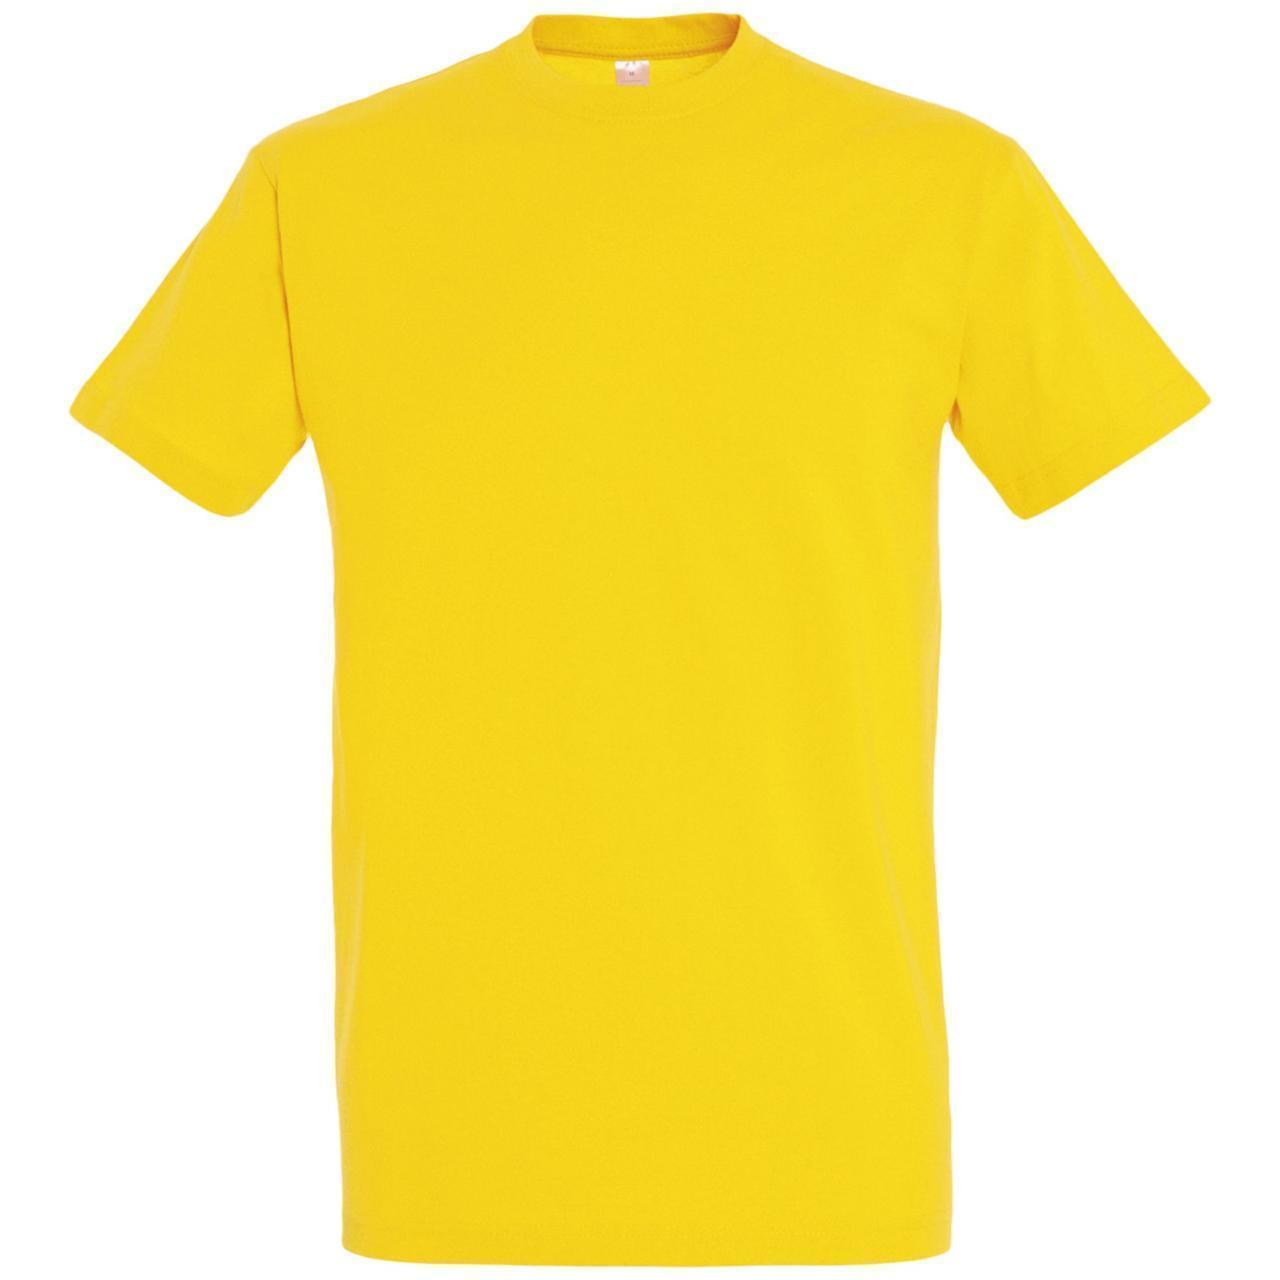 Oднотонная футболка | Желтая | 160 гр. | 3XL